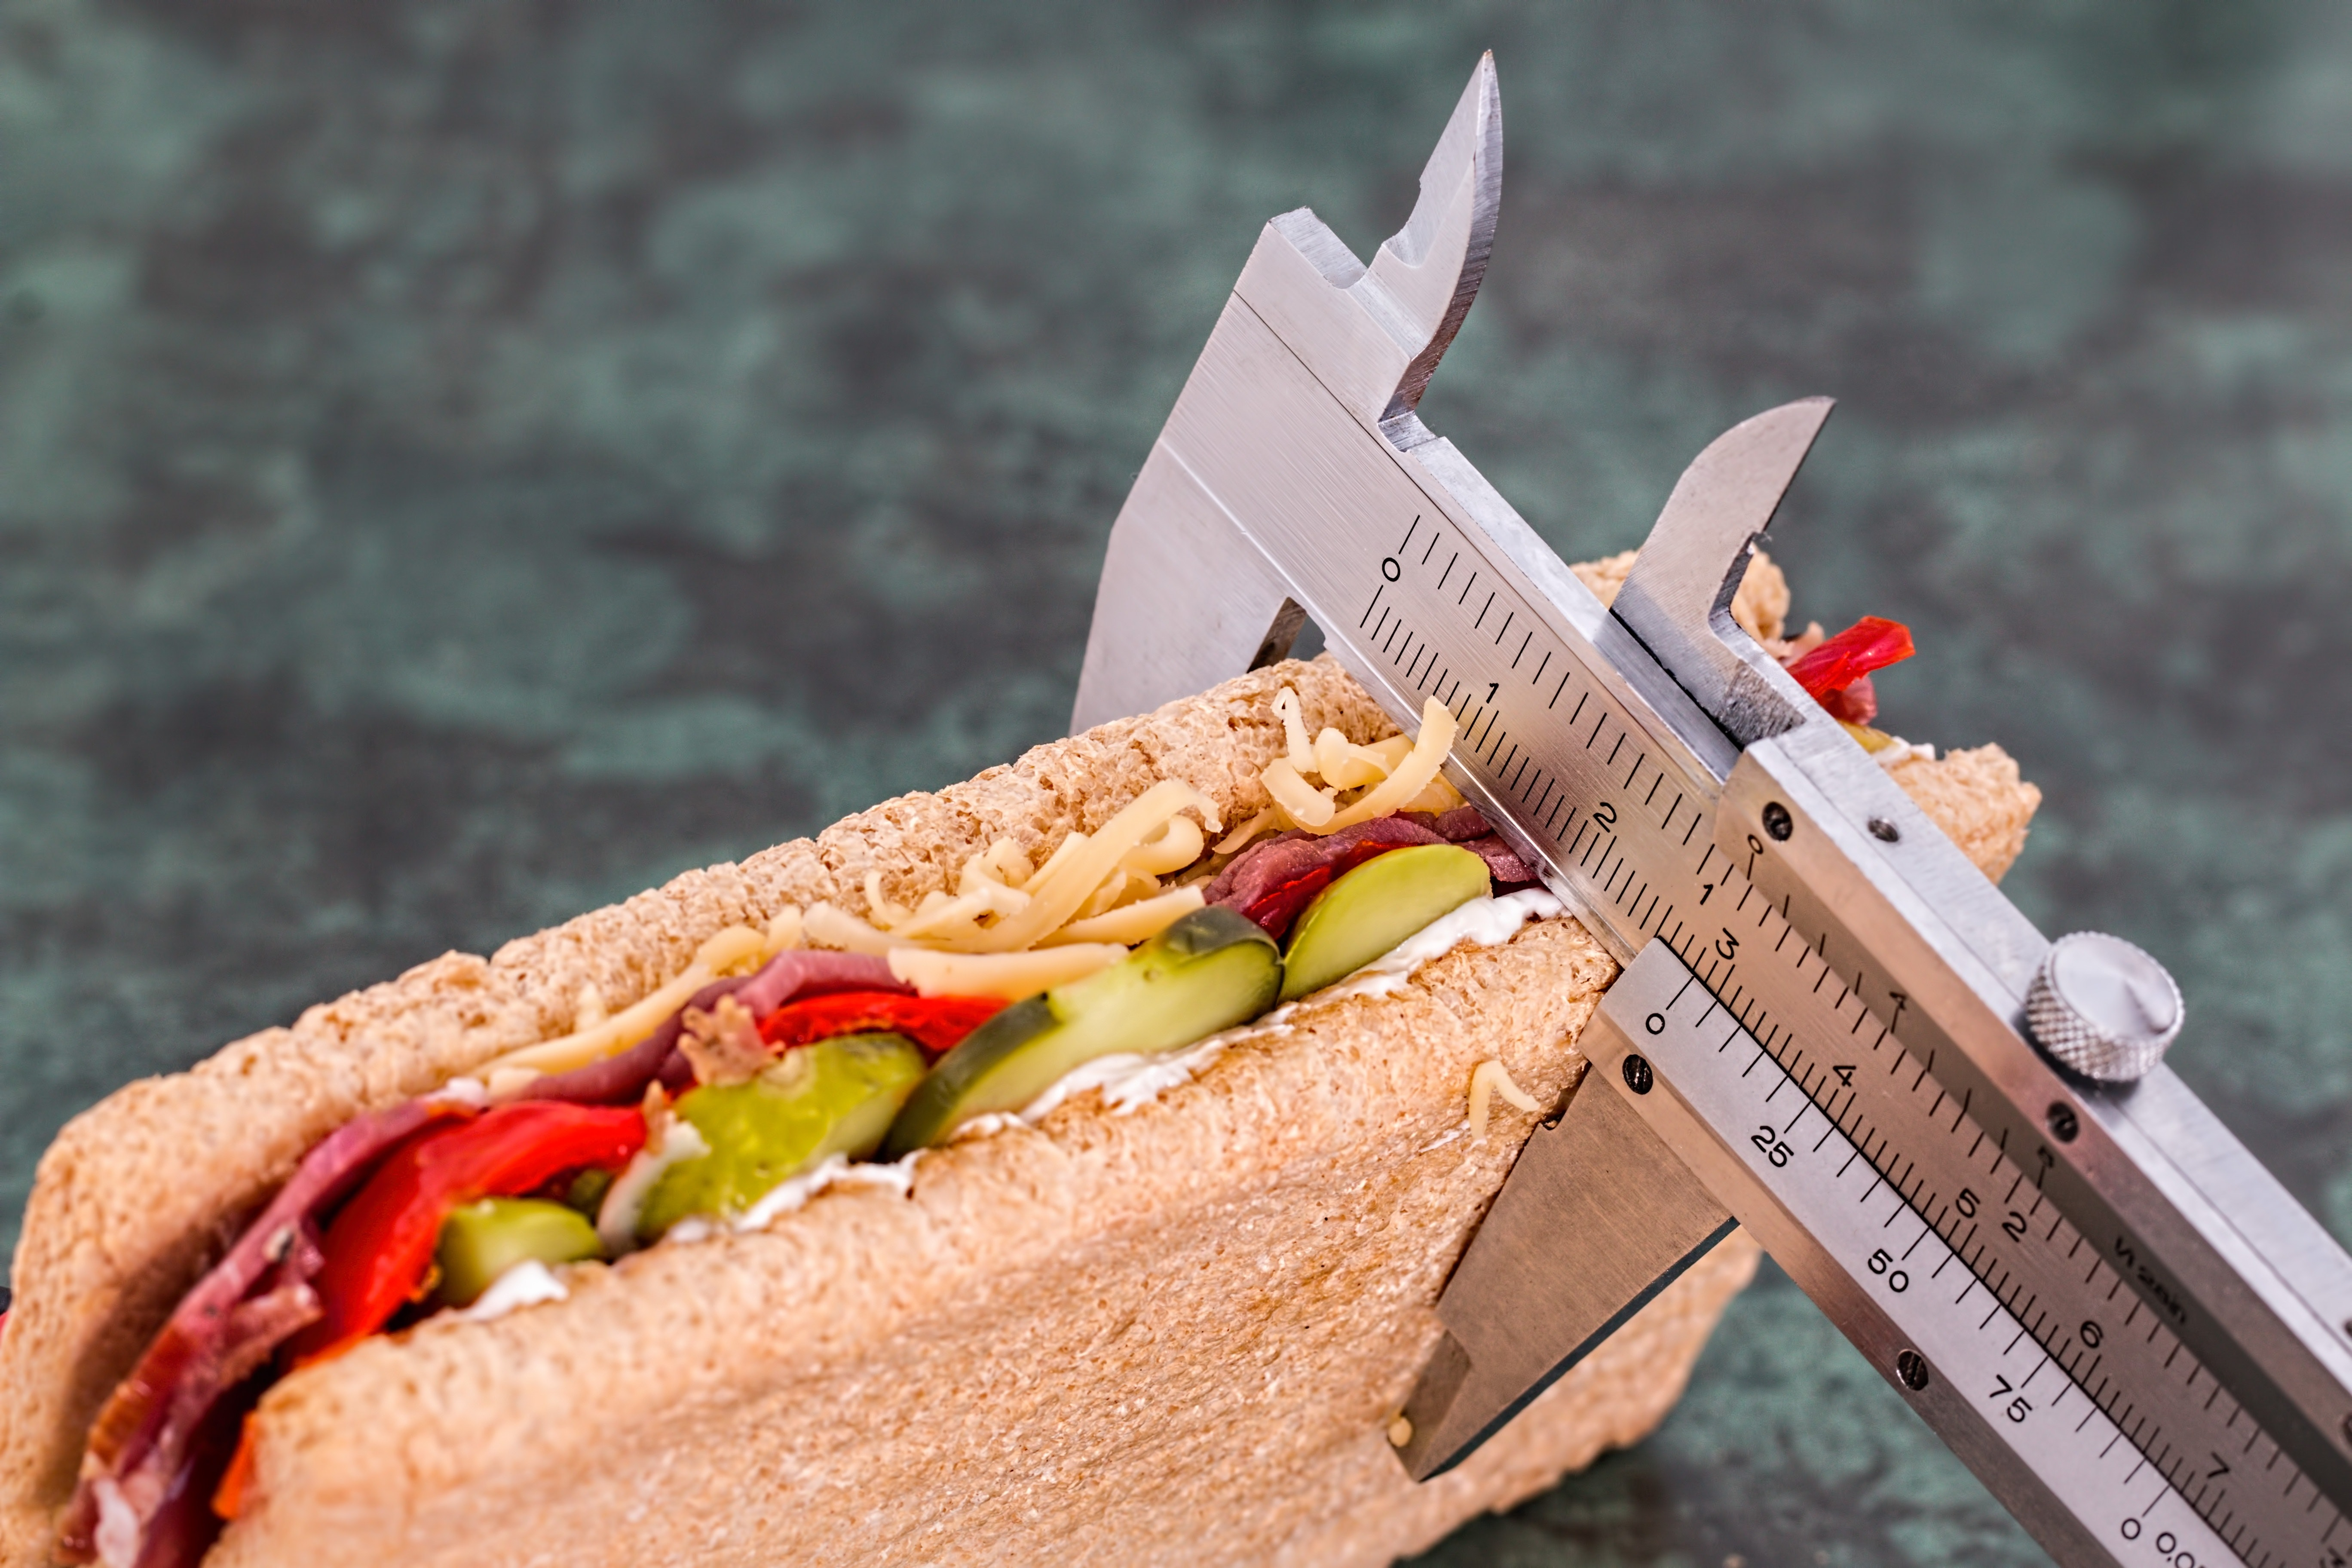 calories-diet-food-37417